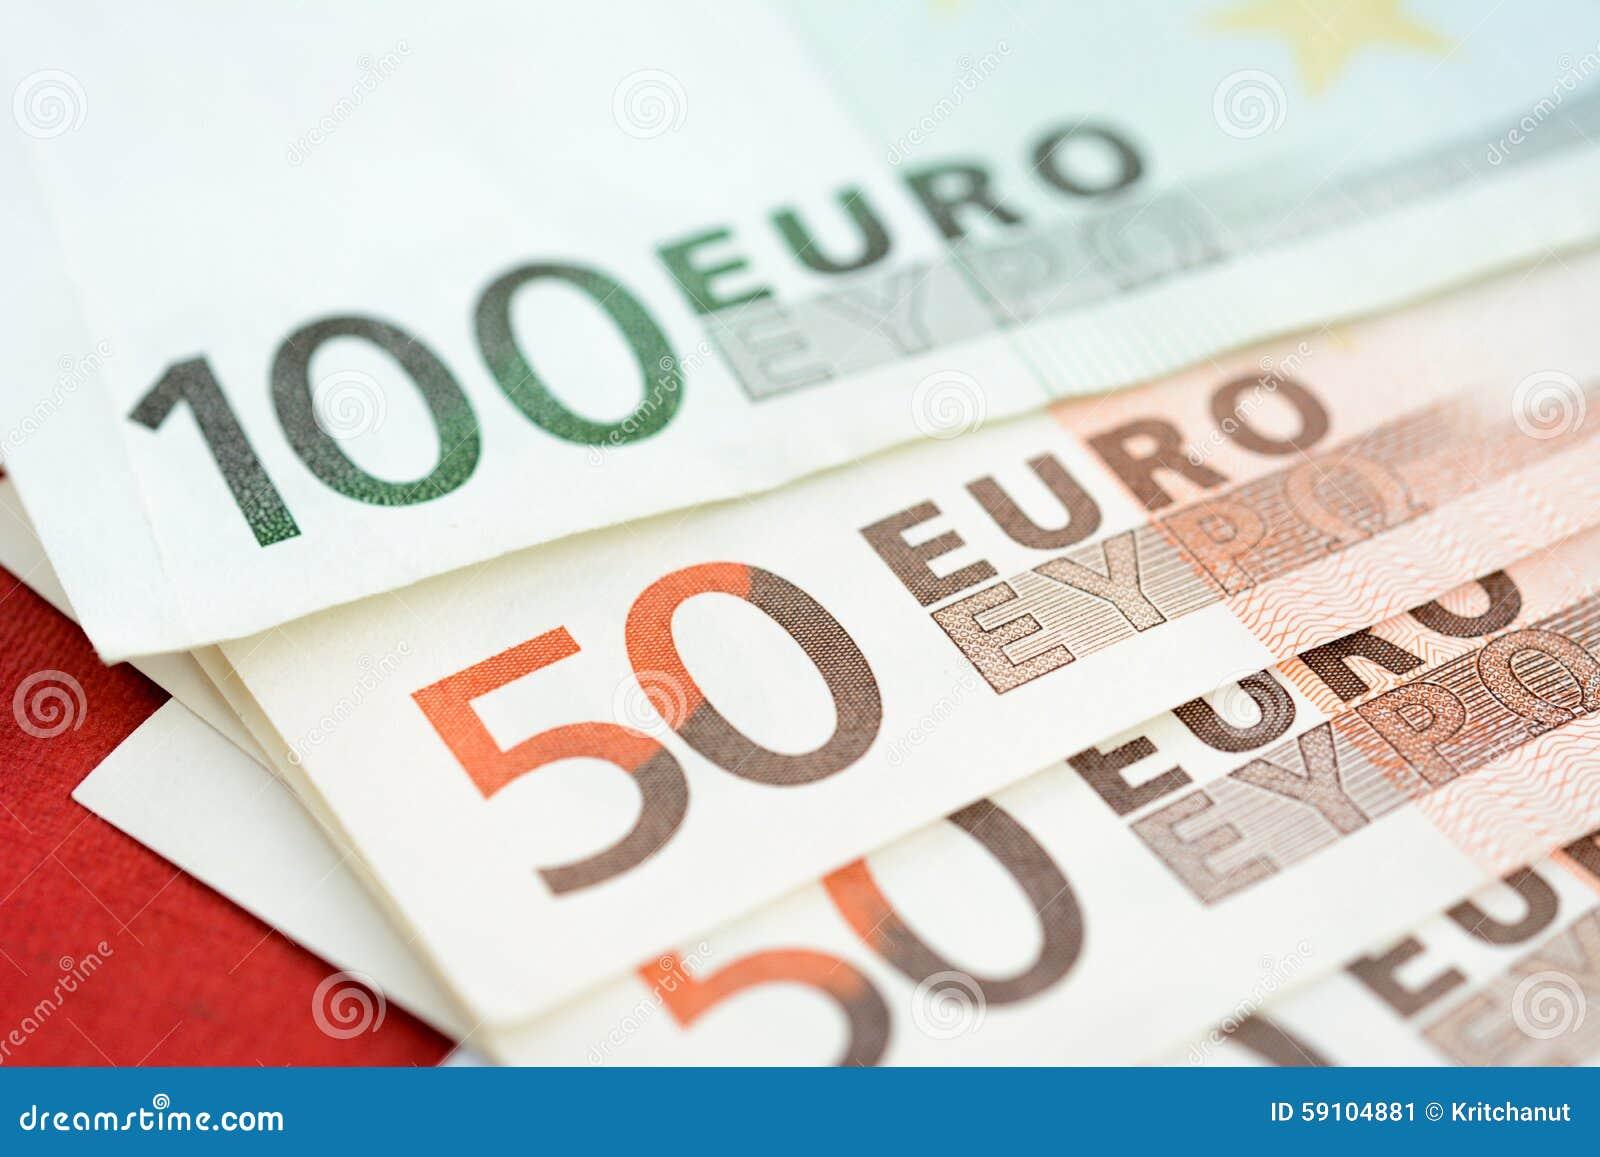 金钱,欧洲货币(EUR),票据